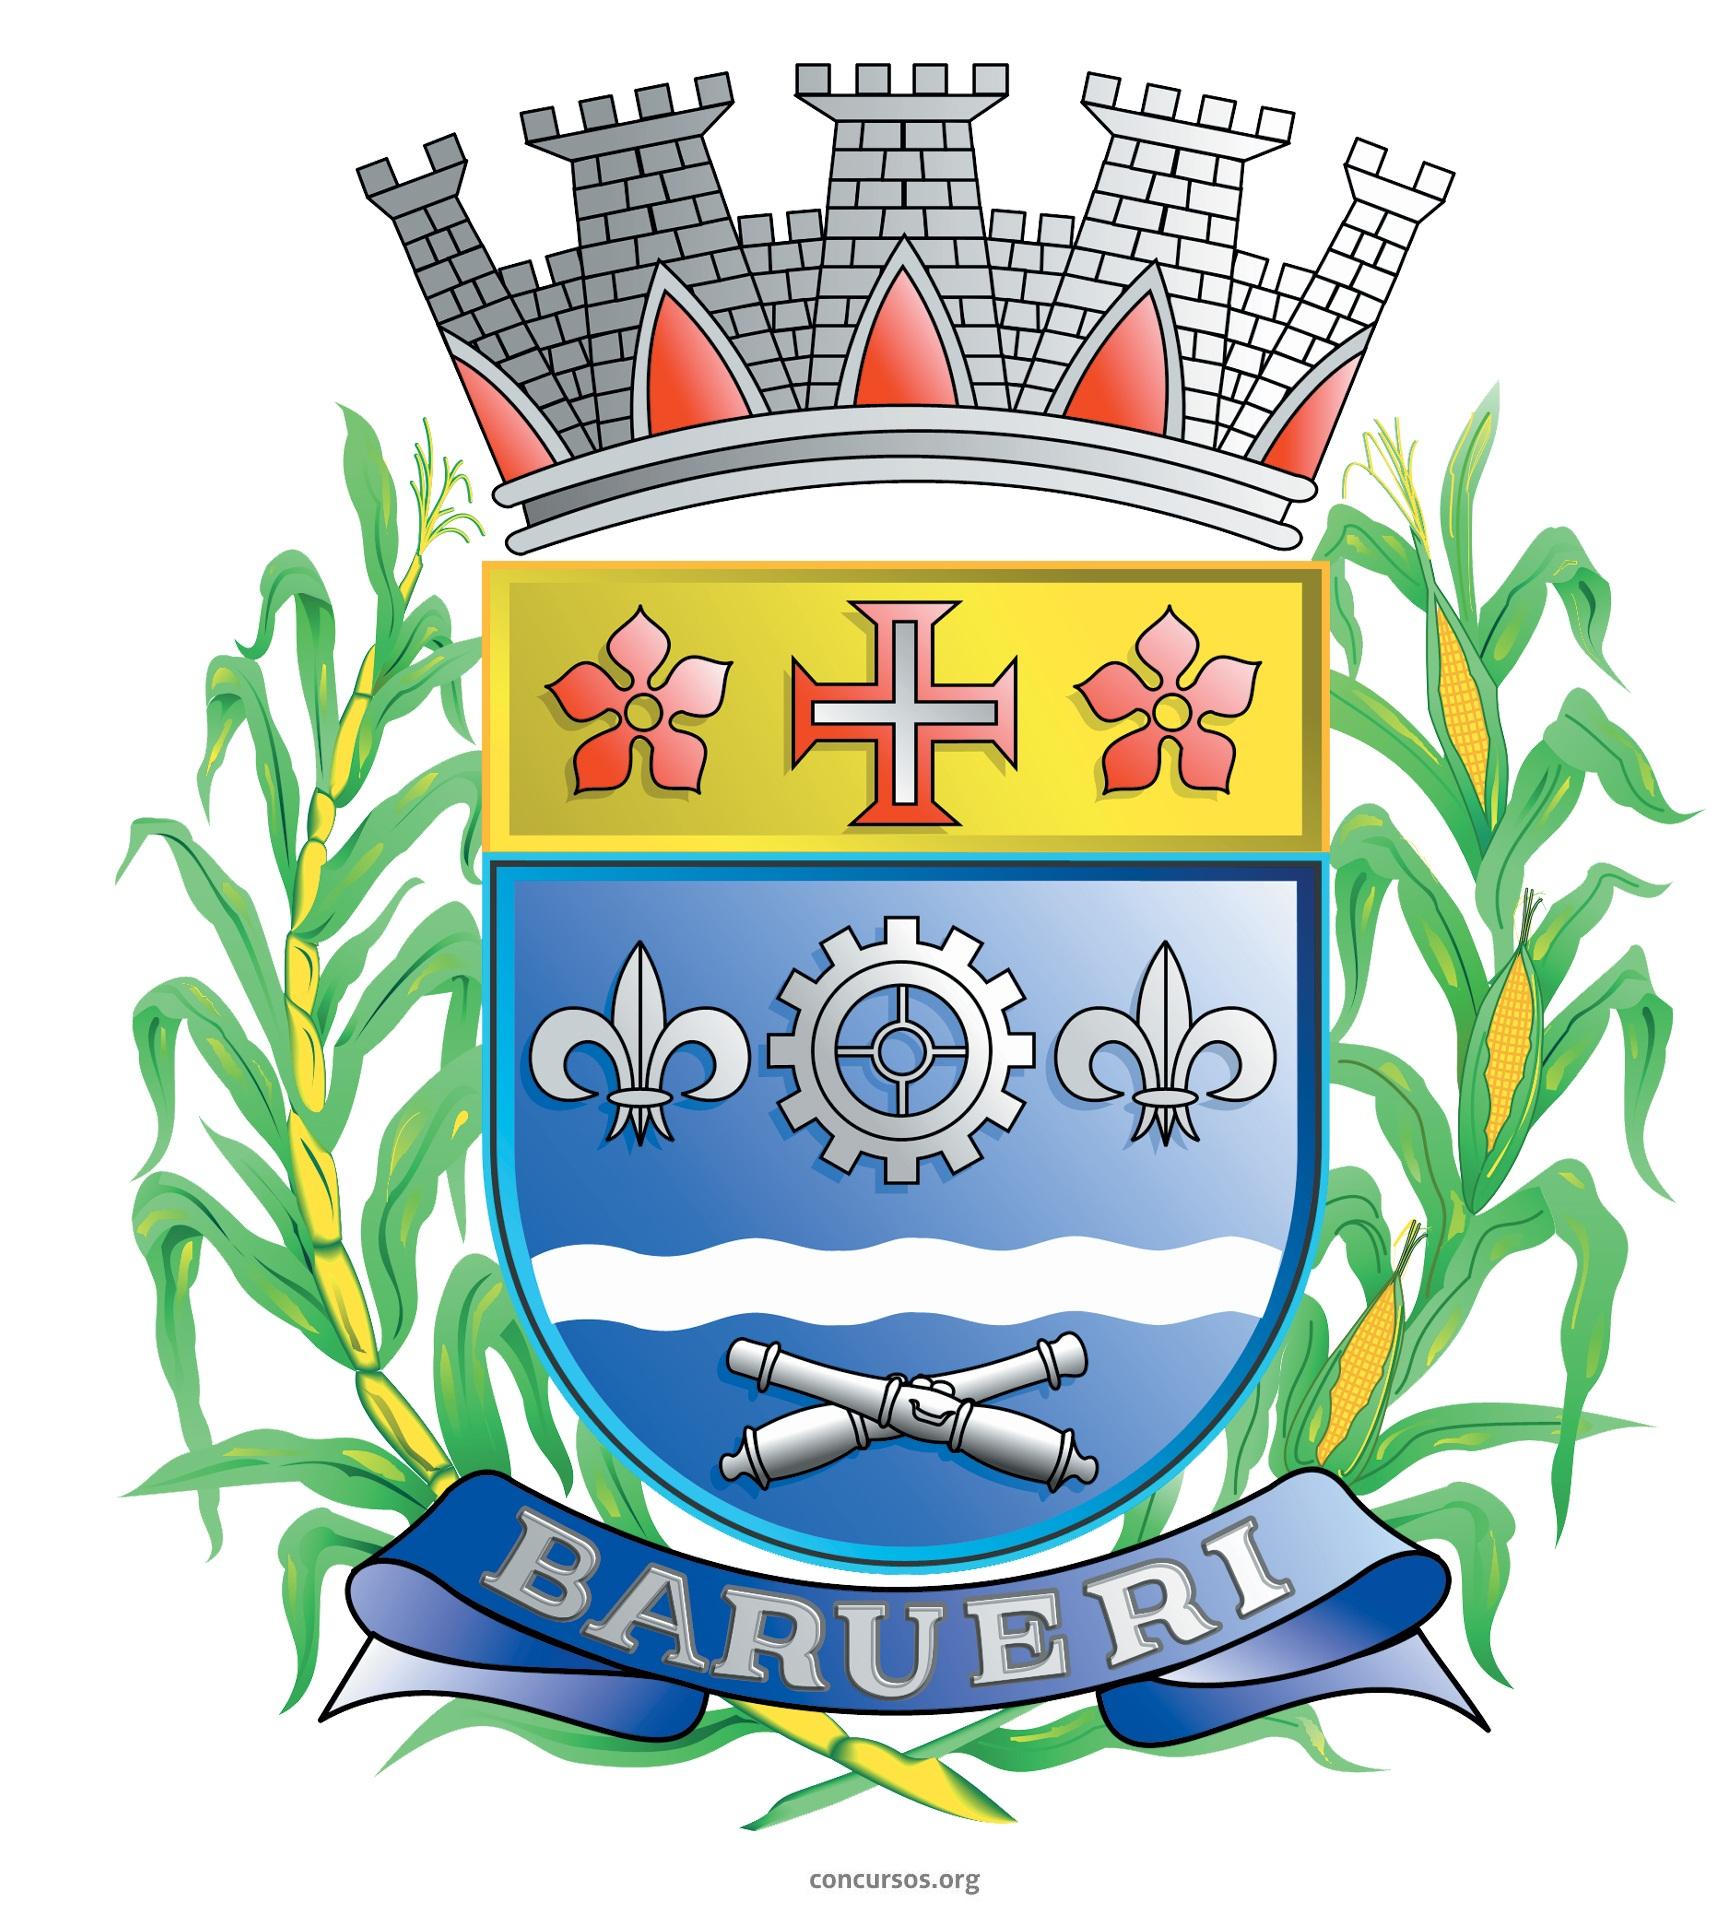 Concurso Prefeitura de Barueri SP 2012- Inscrições, Data da Provas, Cargo e Edital